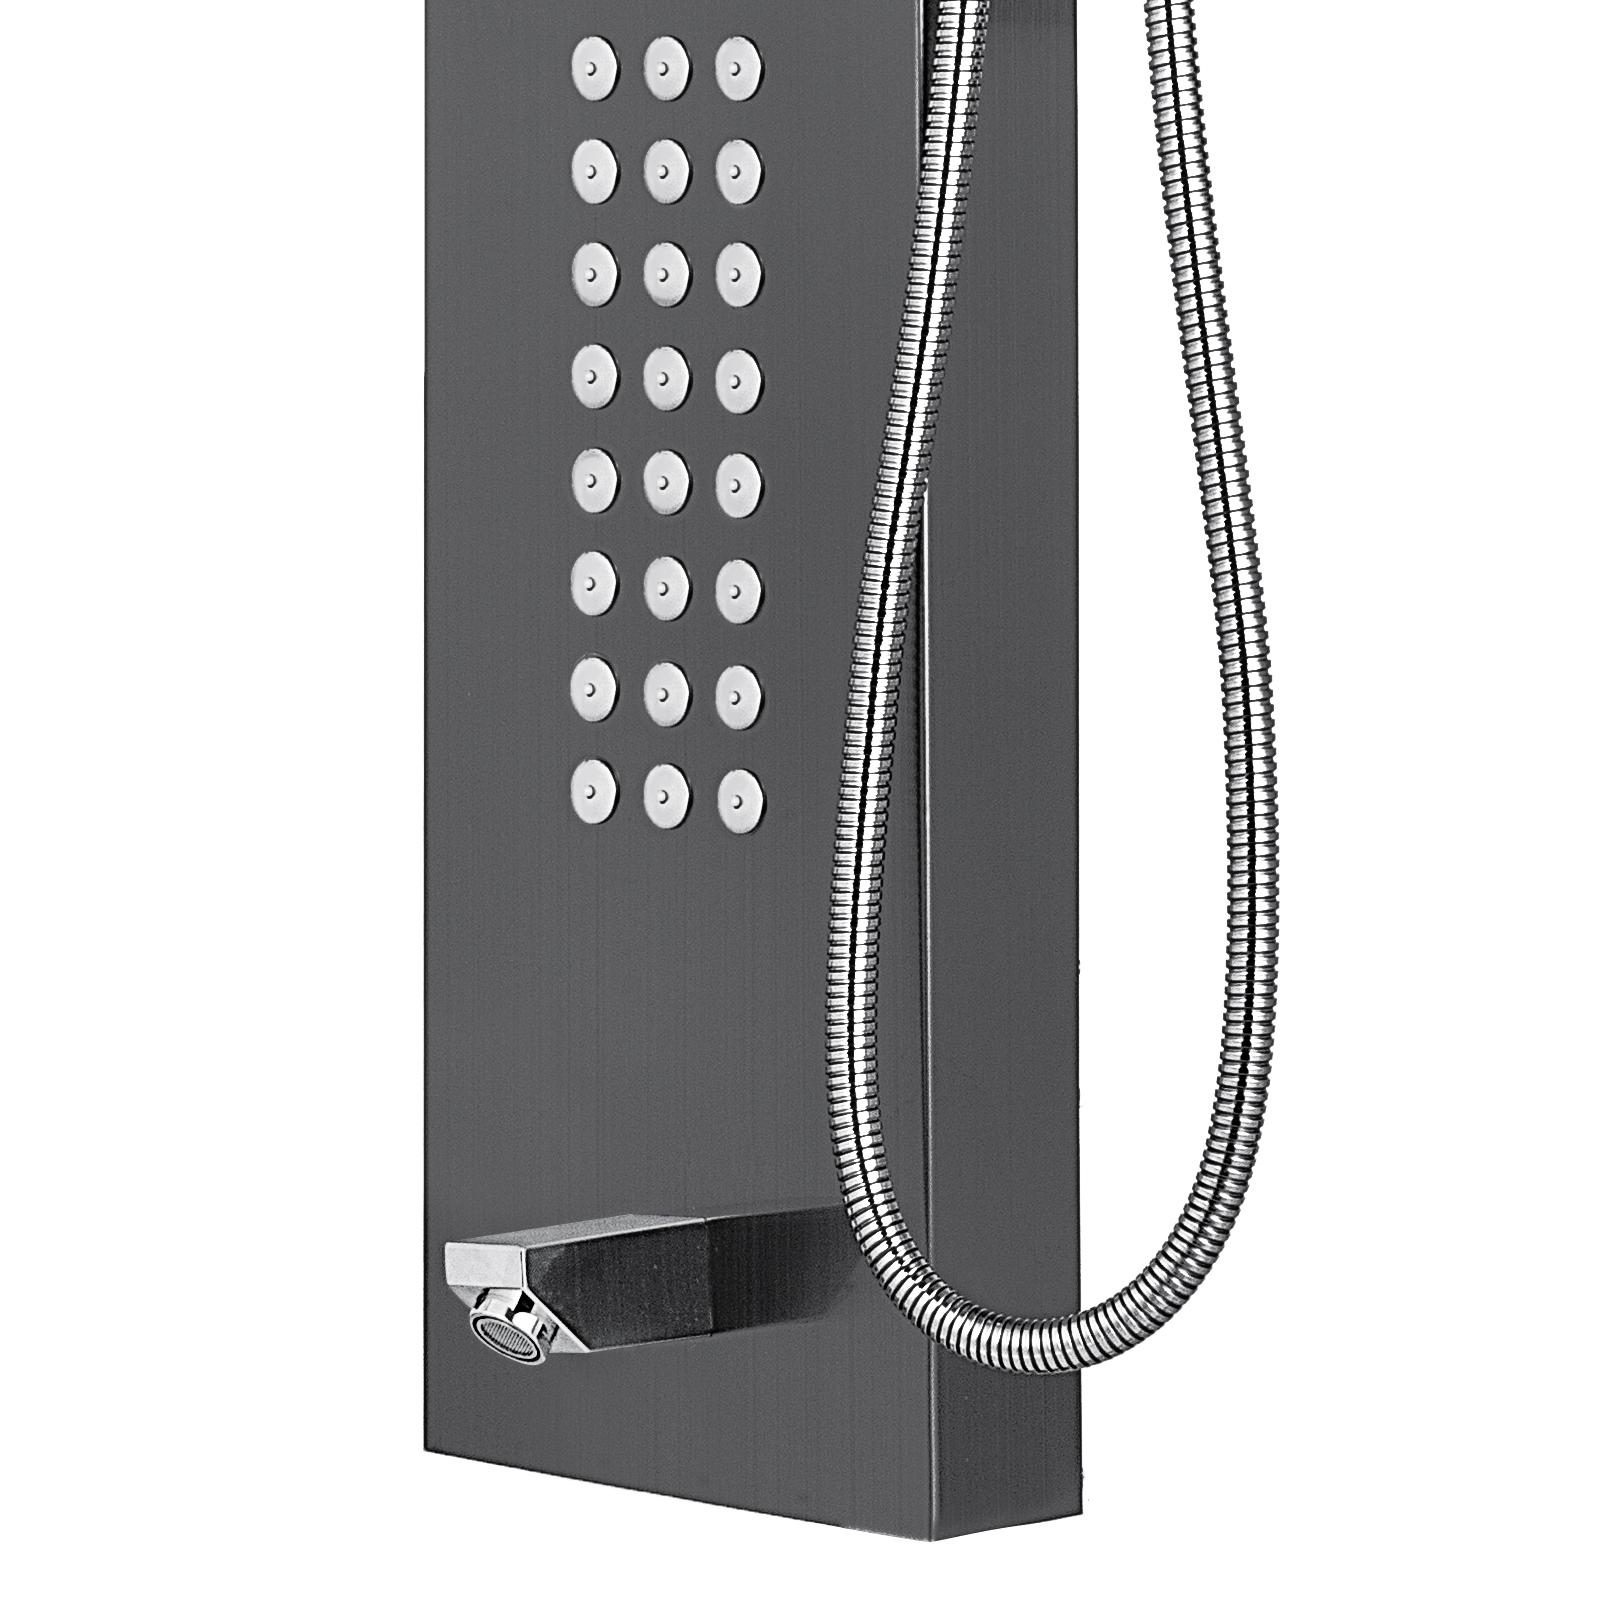 Pannello-doccia-idromassaggio-colonna-in-acciaio-inossidabile-con-miscelatore miniatura 107